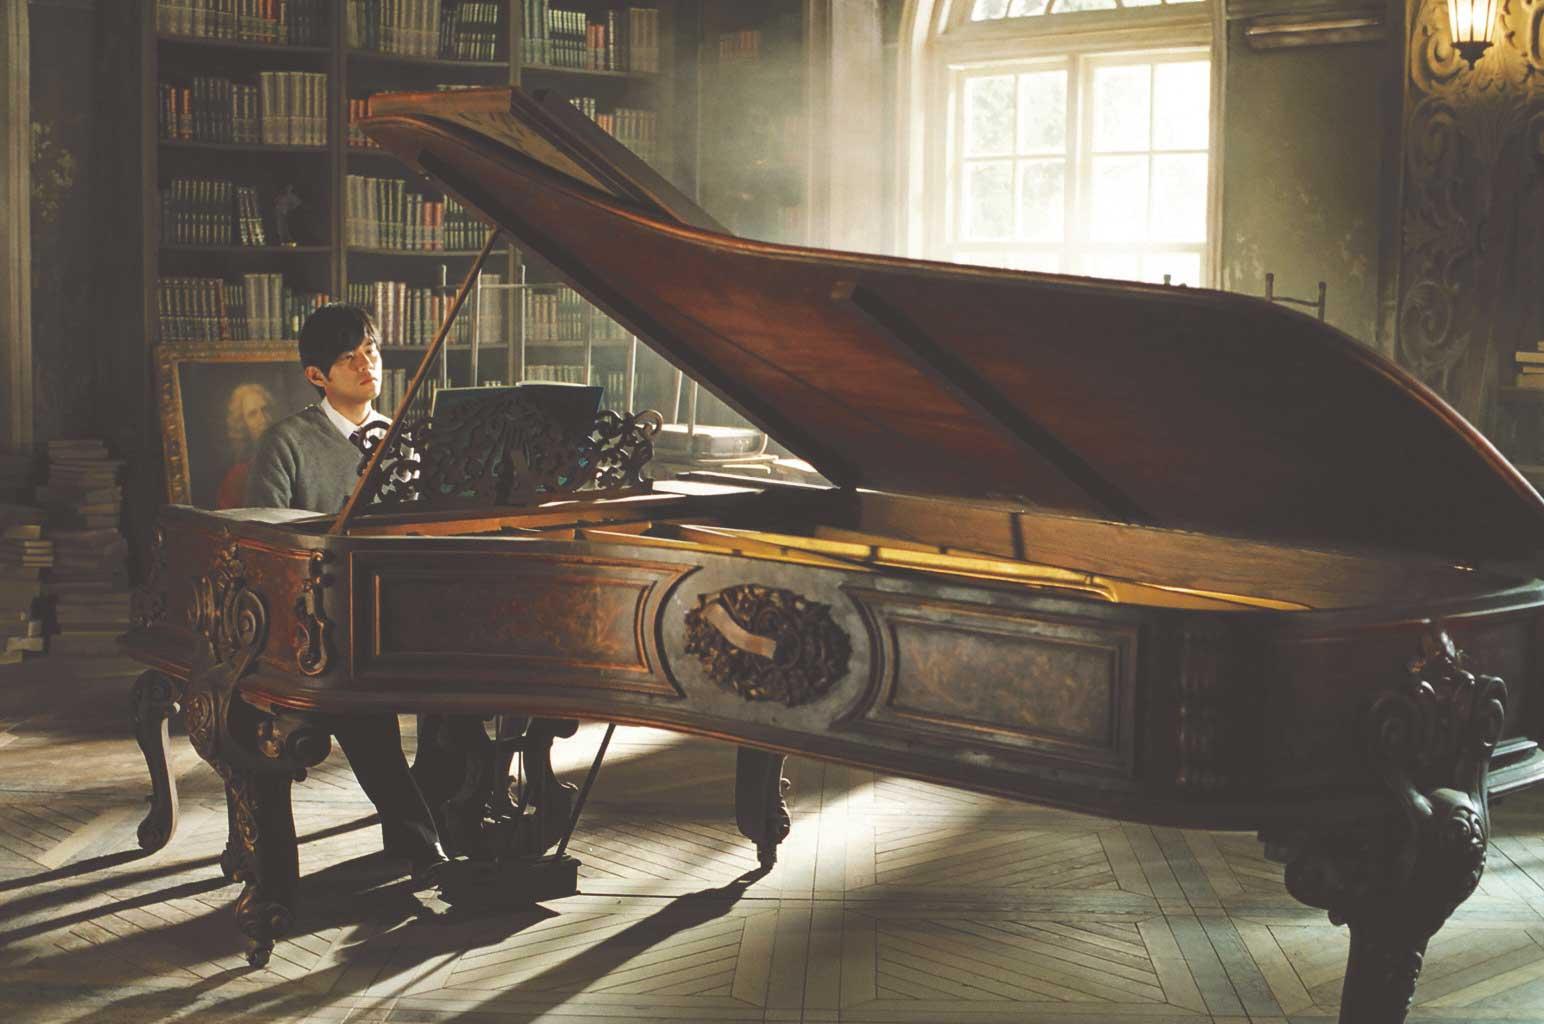 周杰倫自導自演電影《不能說的秘密》(2007年)中 亮相的經典古董鋼琴。圖片提供:@JVR Music